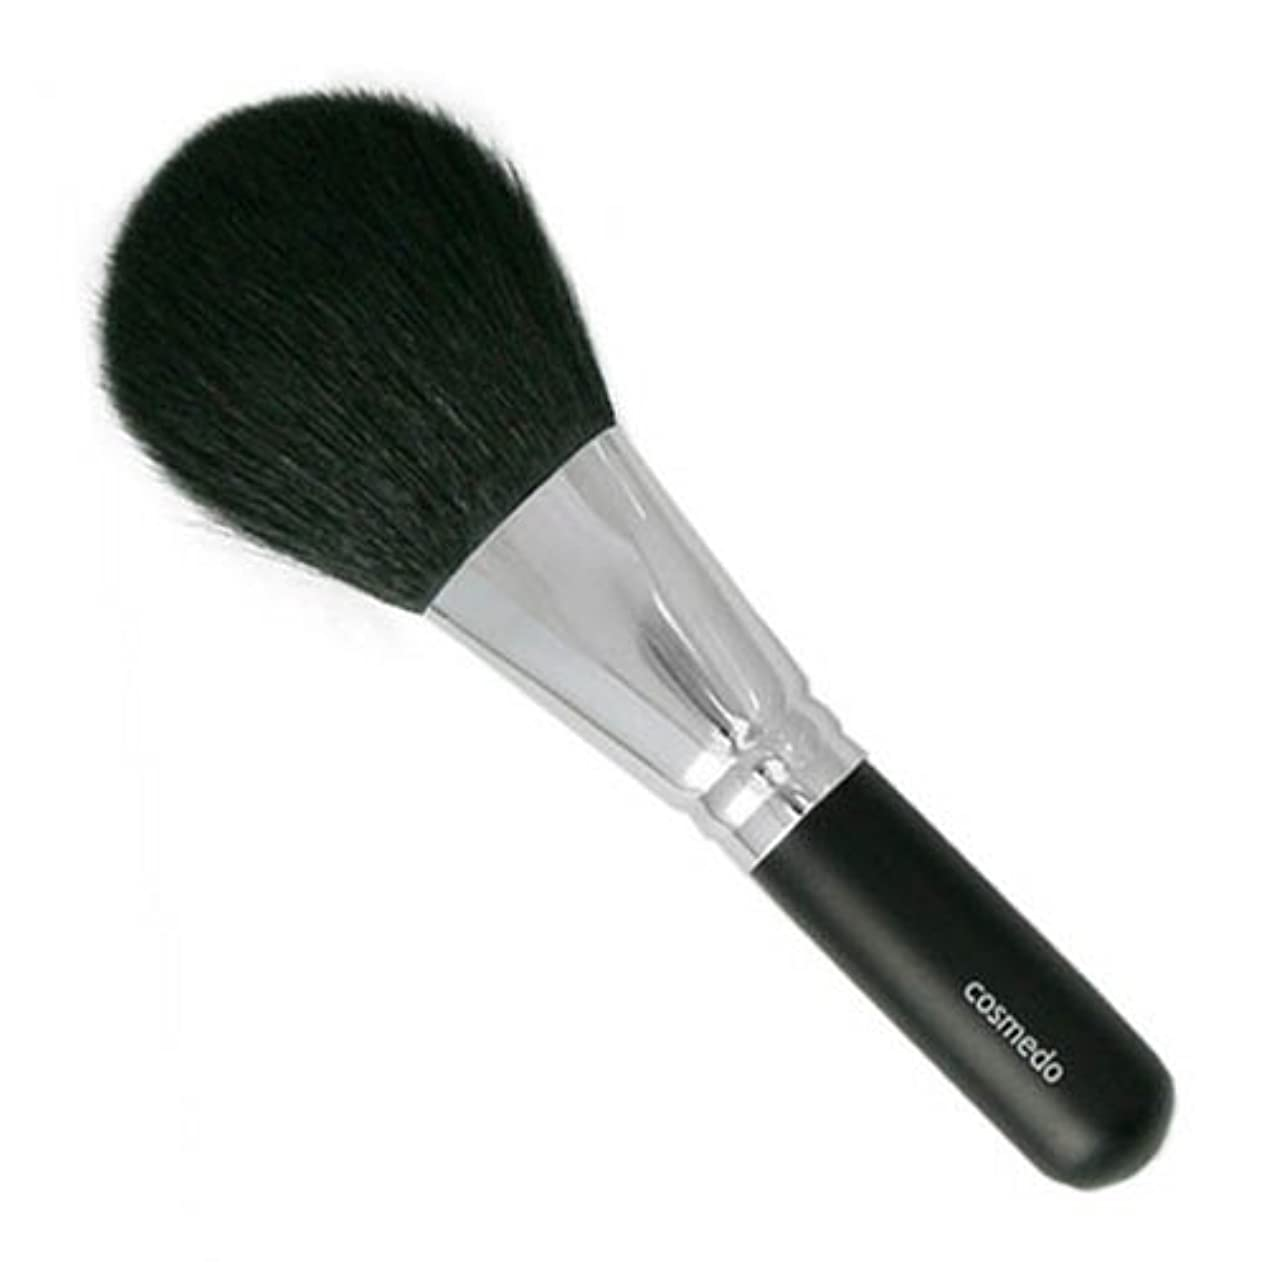 免疫できればヒント匠の化粧筆コスメ堂 熊野筆 メイクブラシ 毛量たっぷり ジャンボフェイスブラシ  山羊毛(白尖/粗光峰) 日本製 ( 黒軸ロングタイプ / パウダーブラシ / フェイスブラシ ) E-16